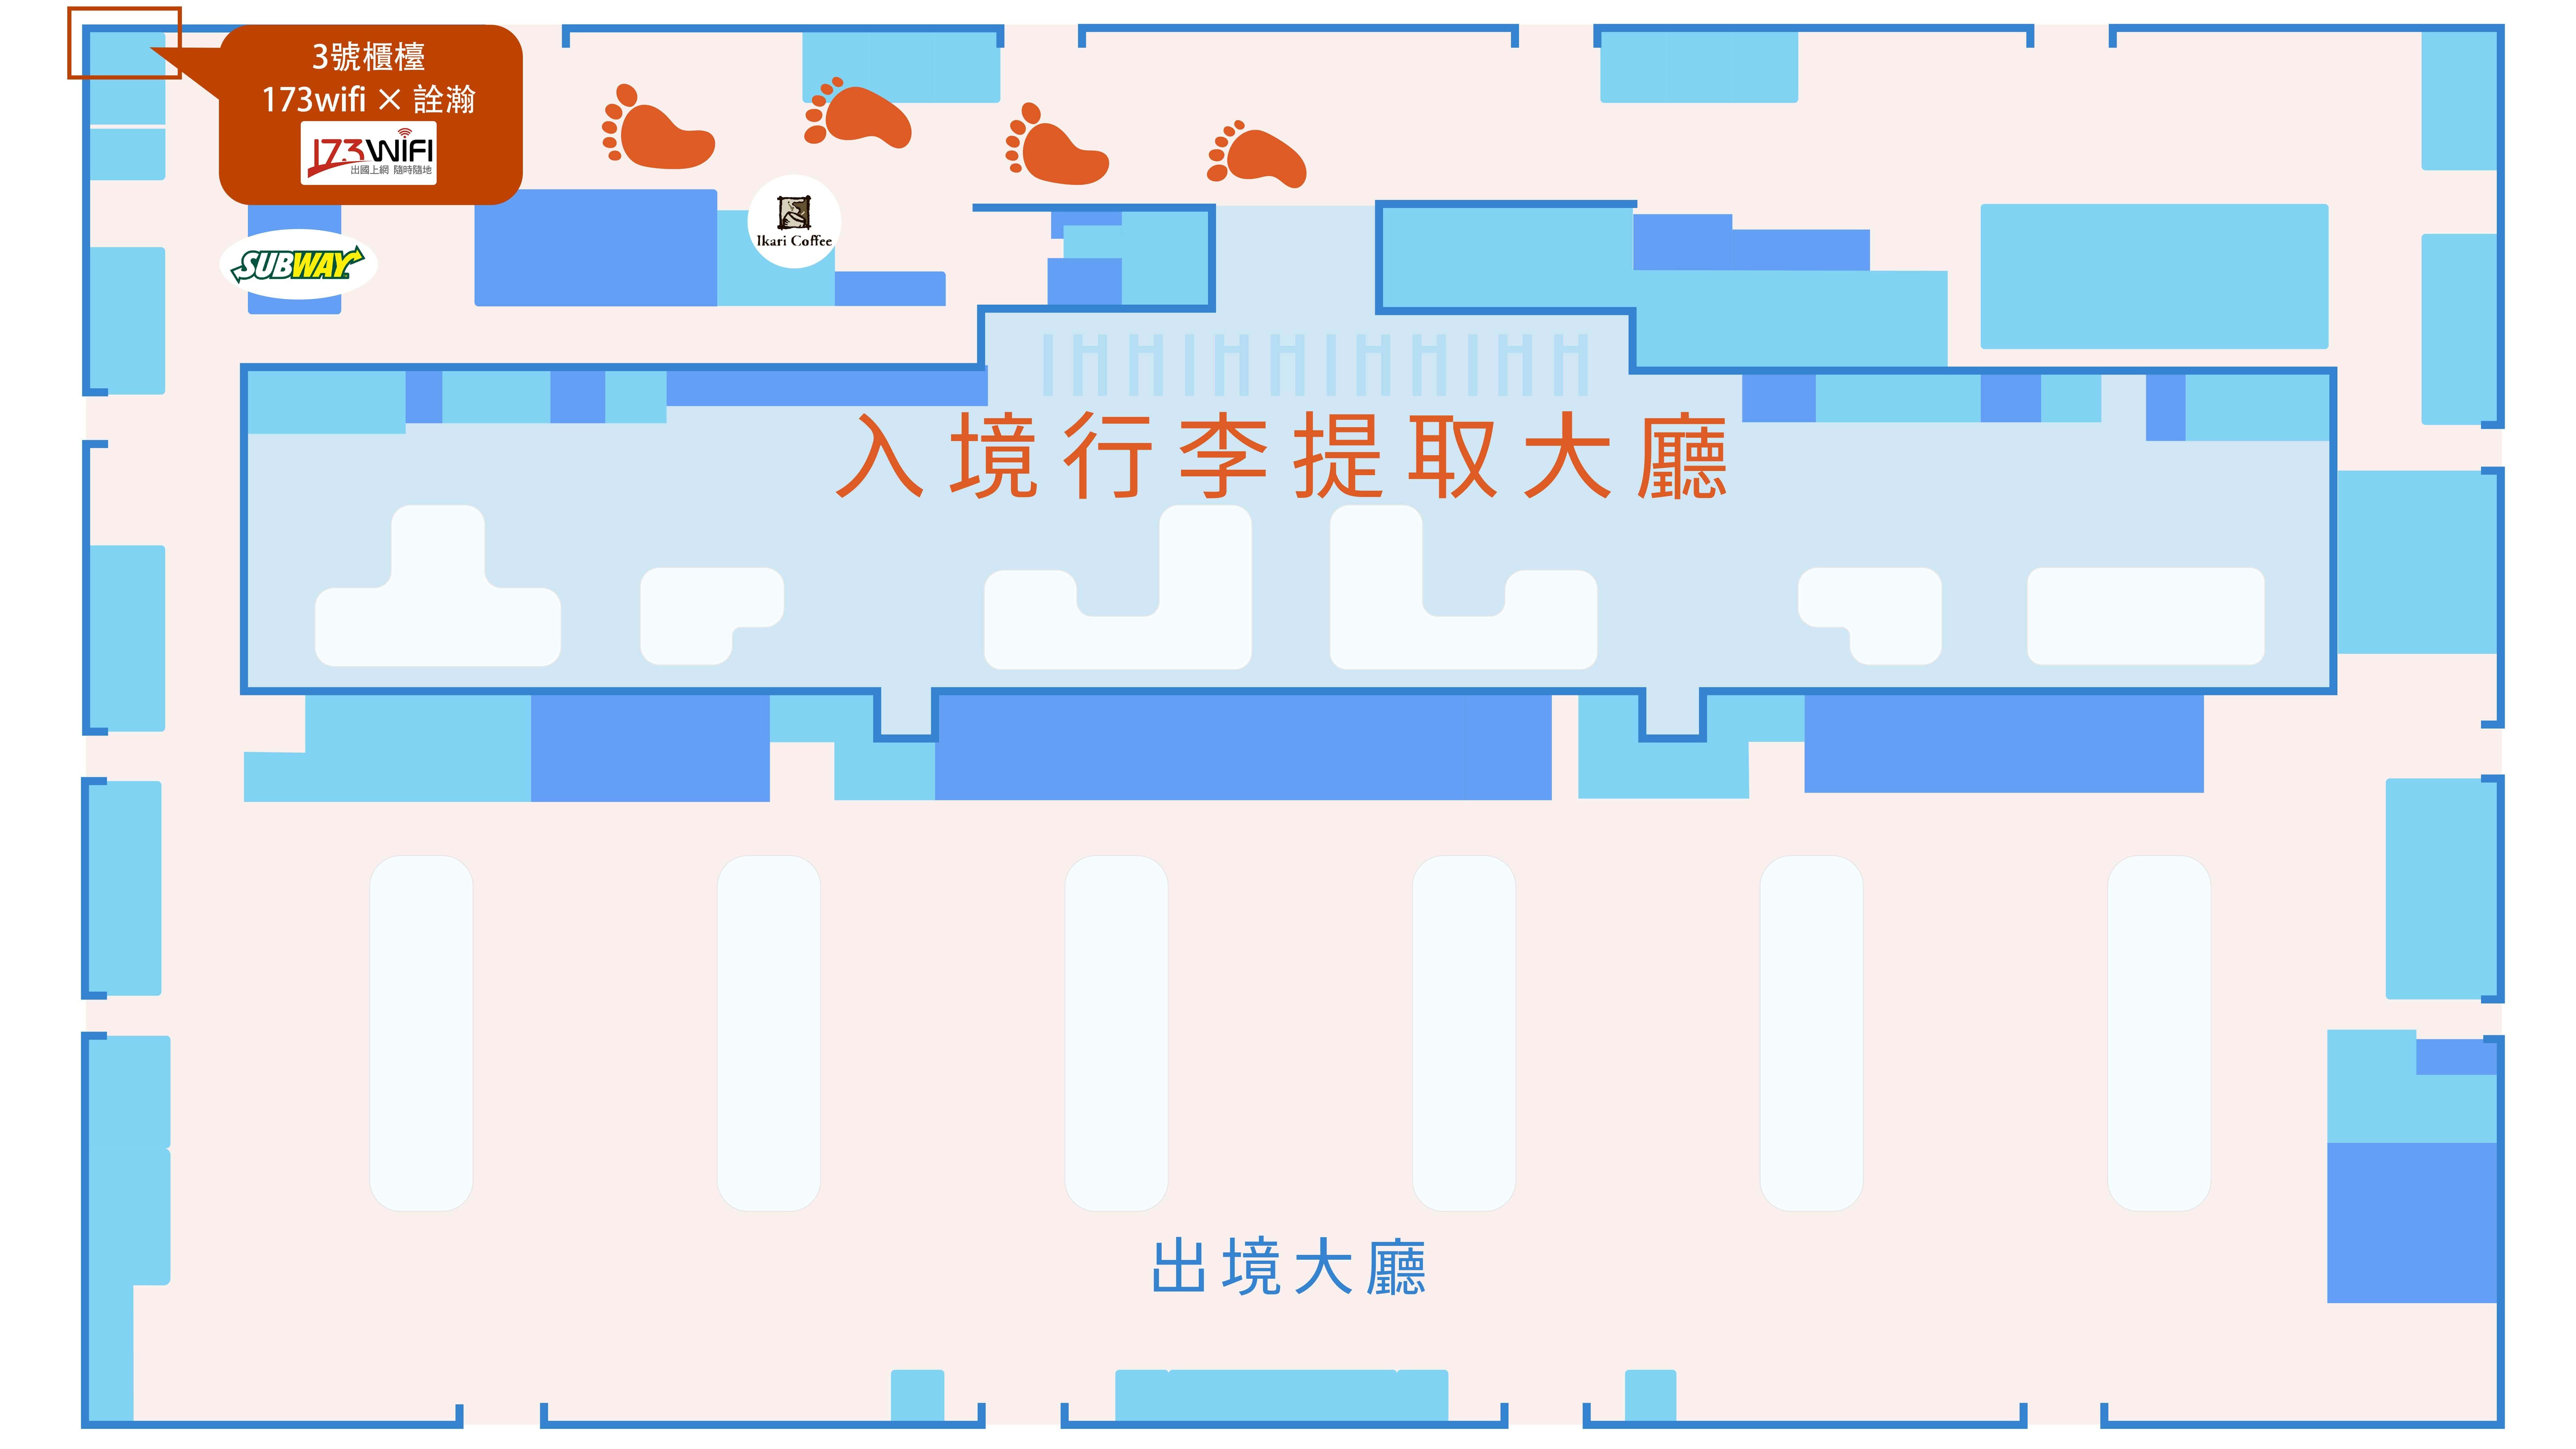 桃園機場第一航廈取還機位置示意圖